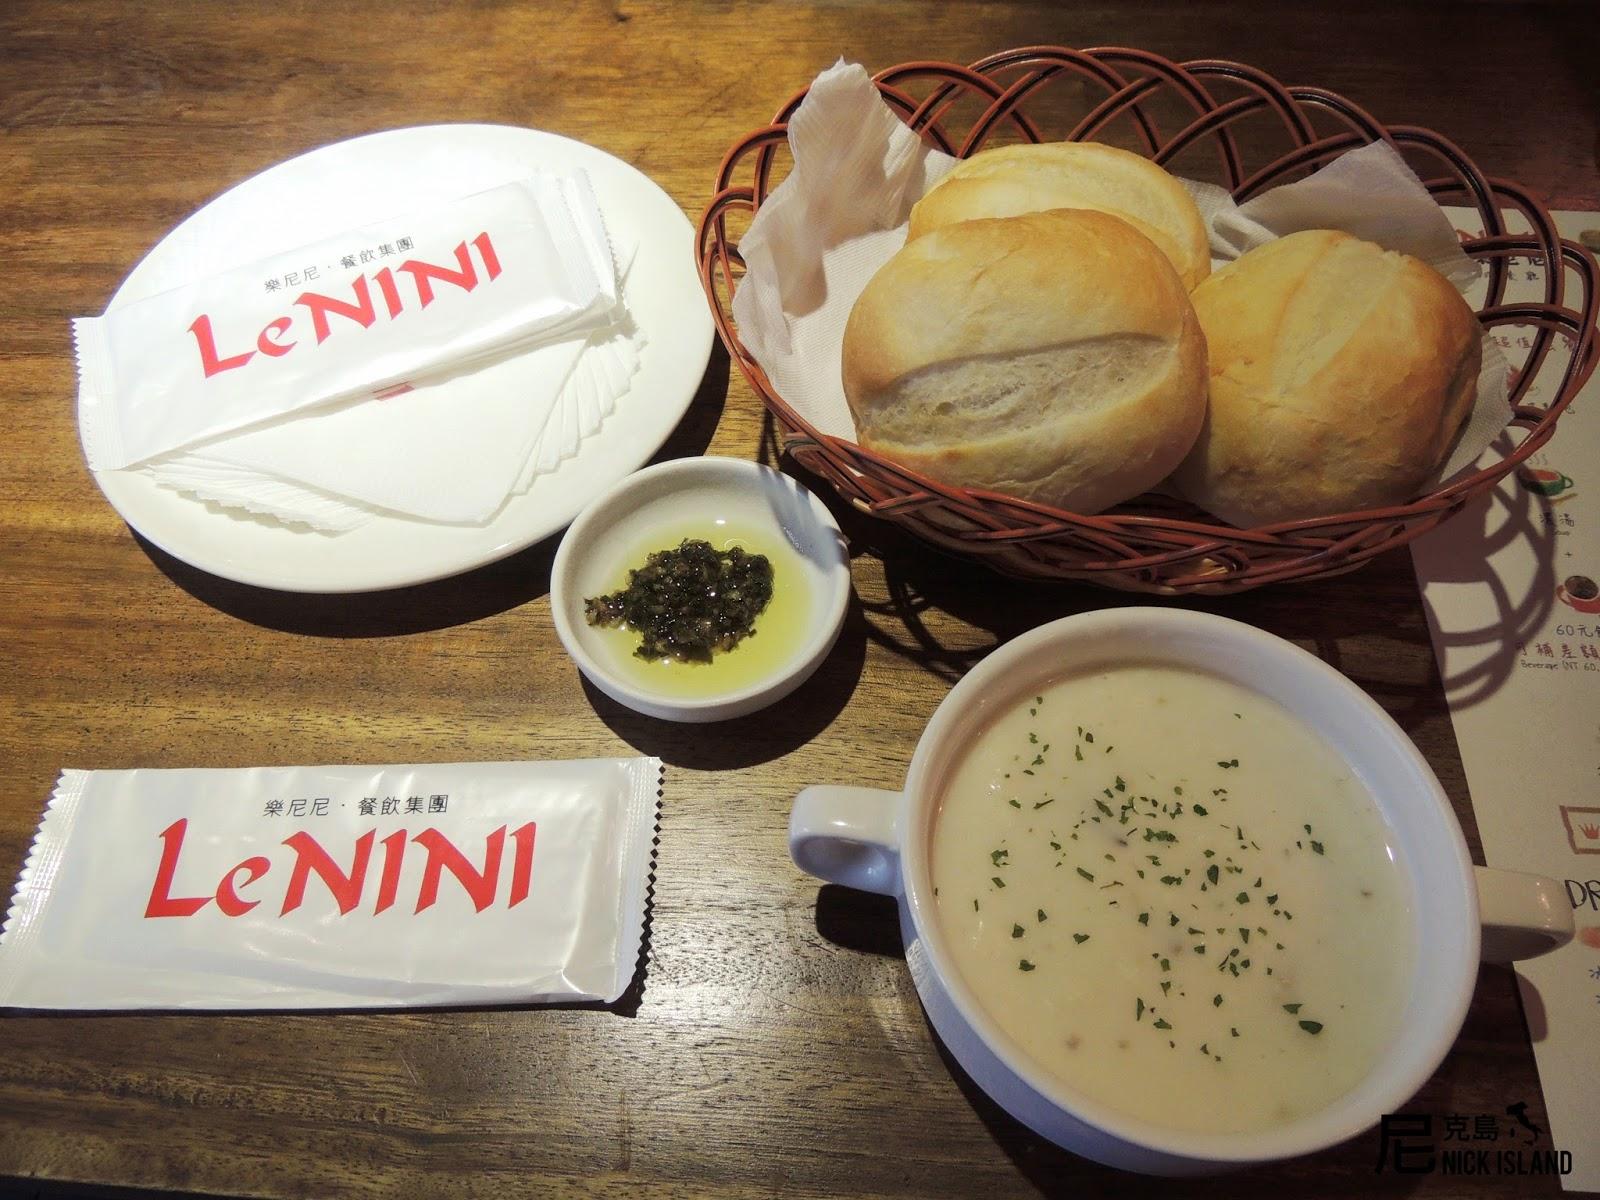 樂尼尼LeNINI義式料理